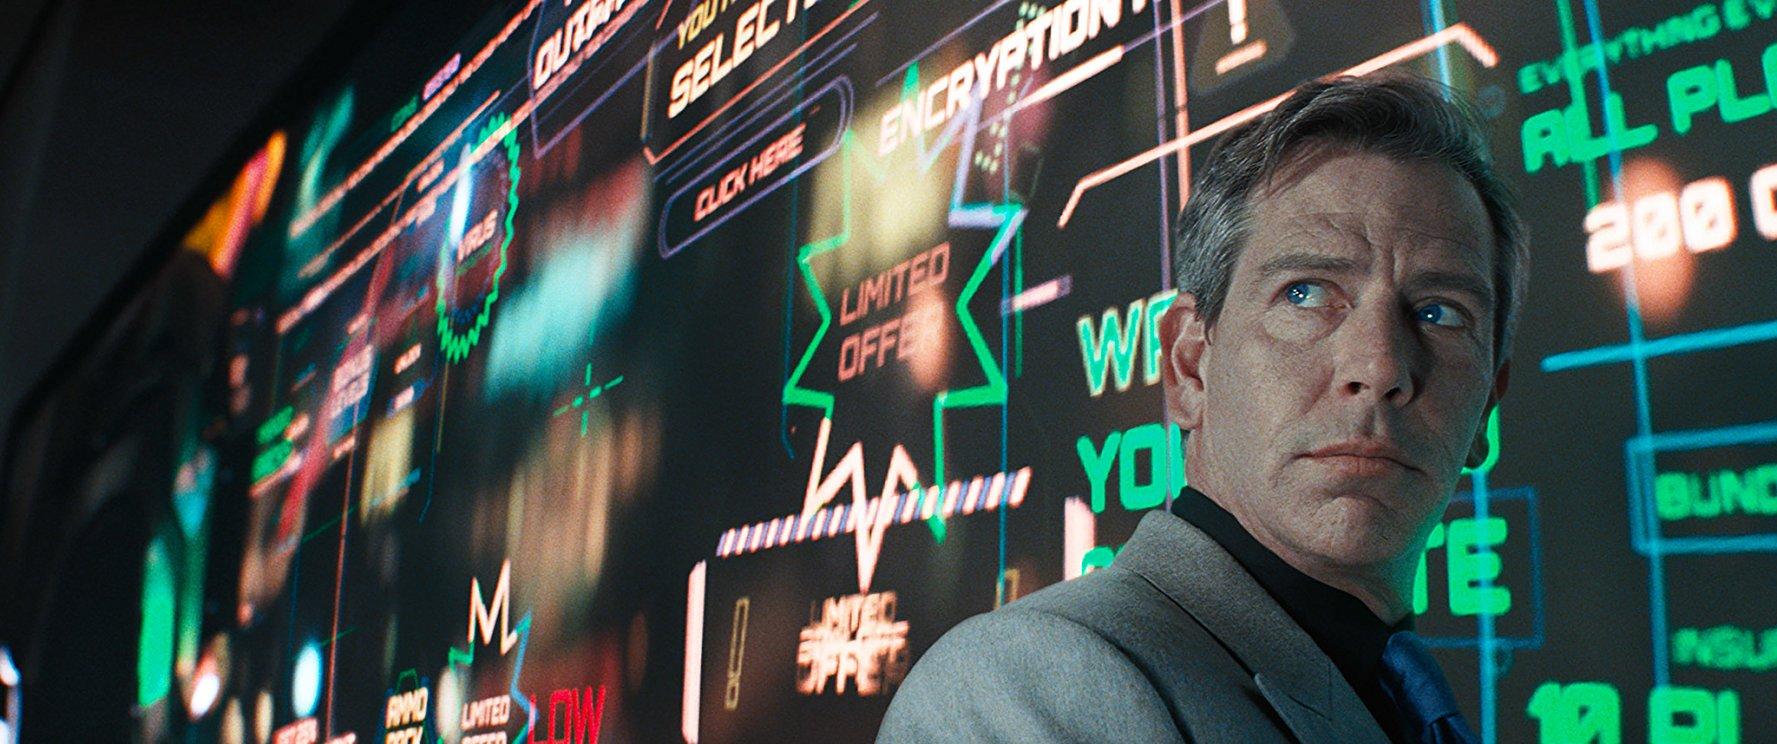 فروش نیم میلیارد دلاری برای فیلم استیون اسپیلبرگ (+عکس)